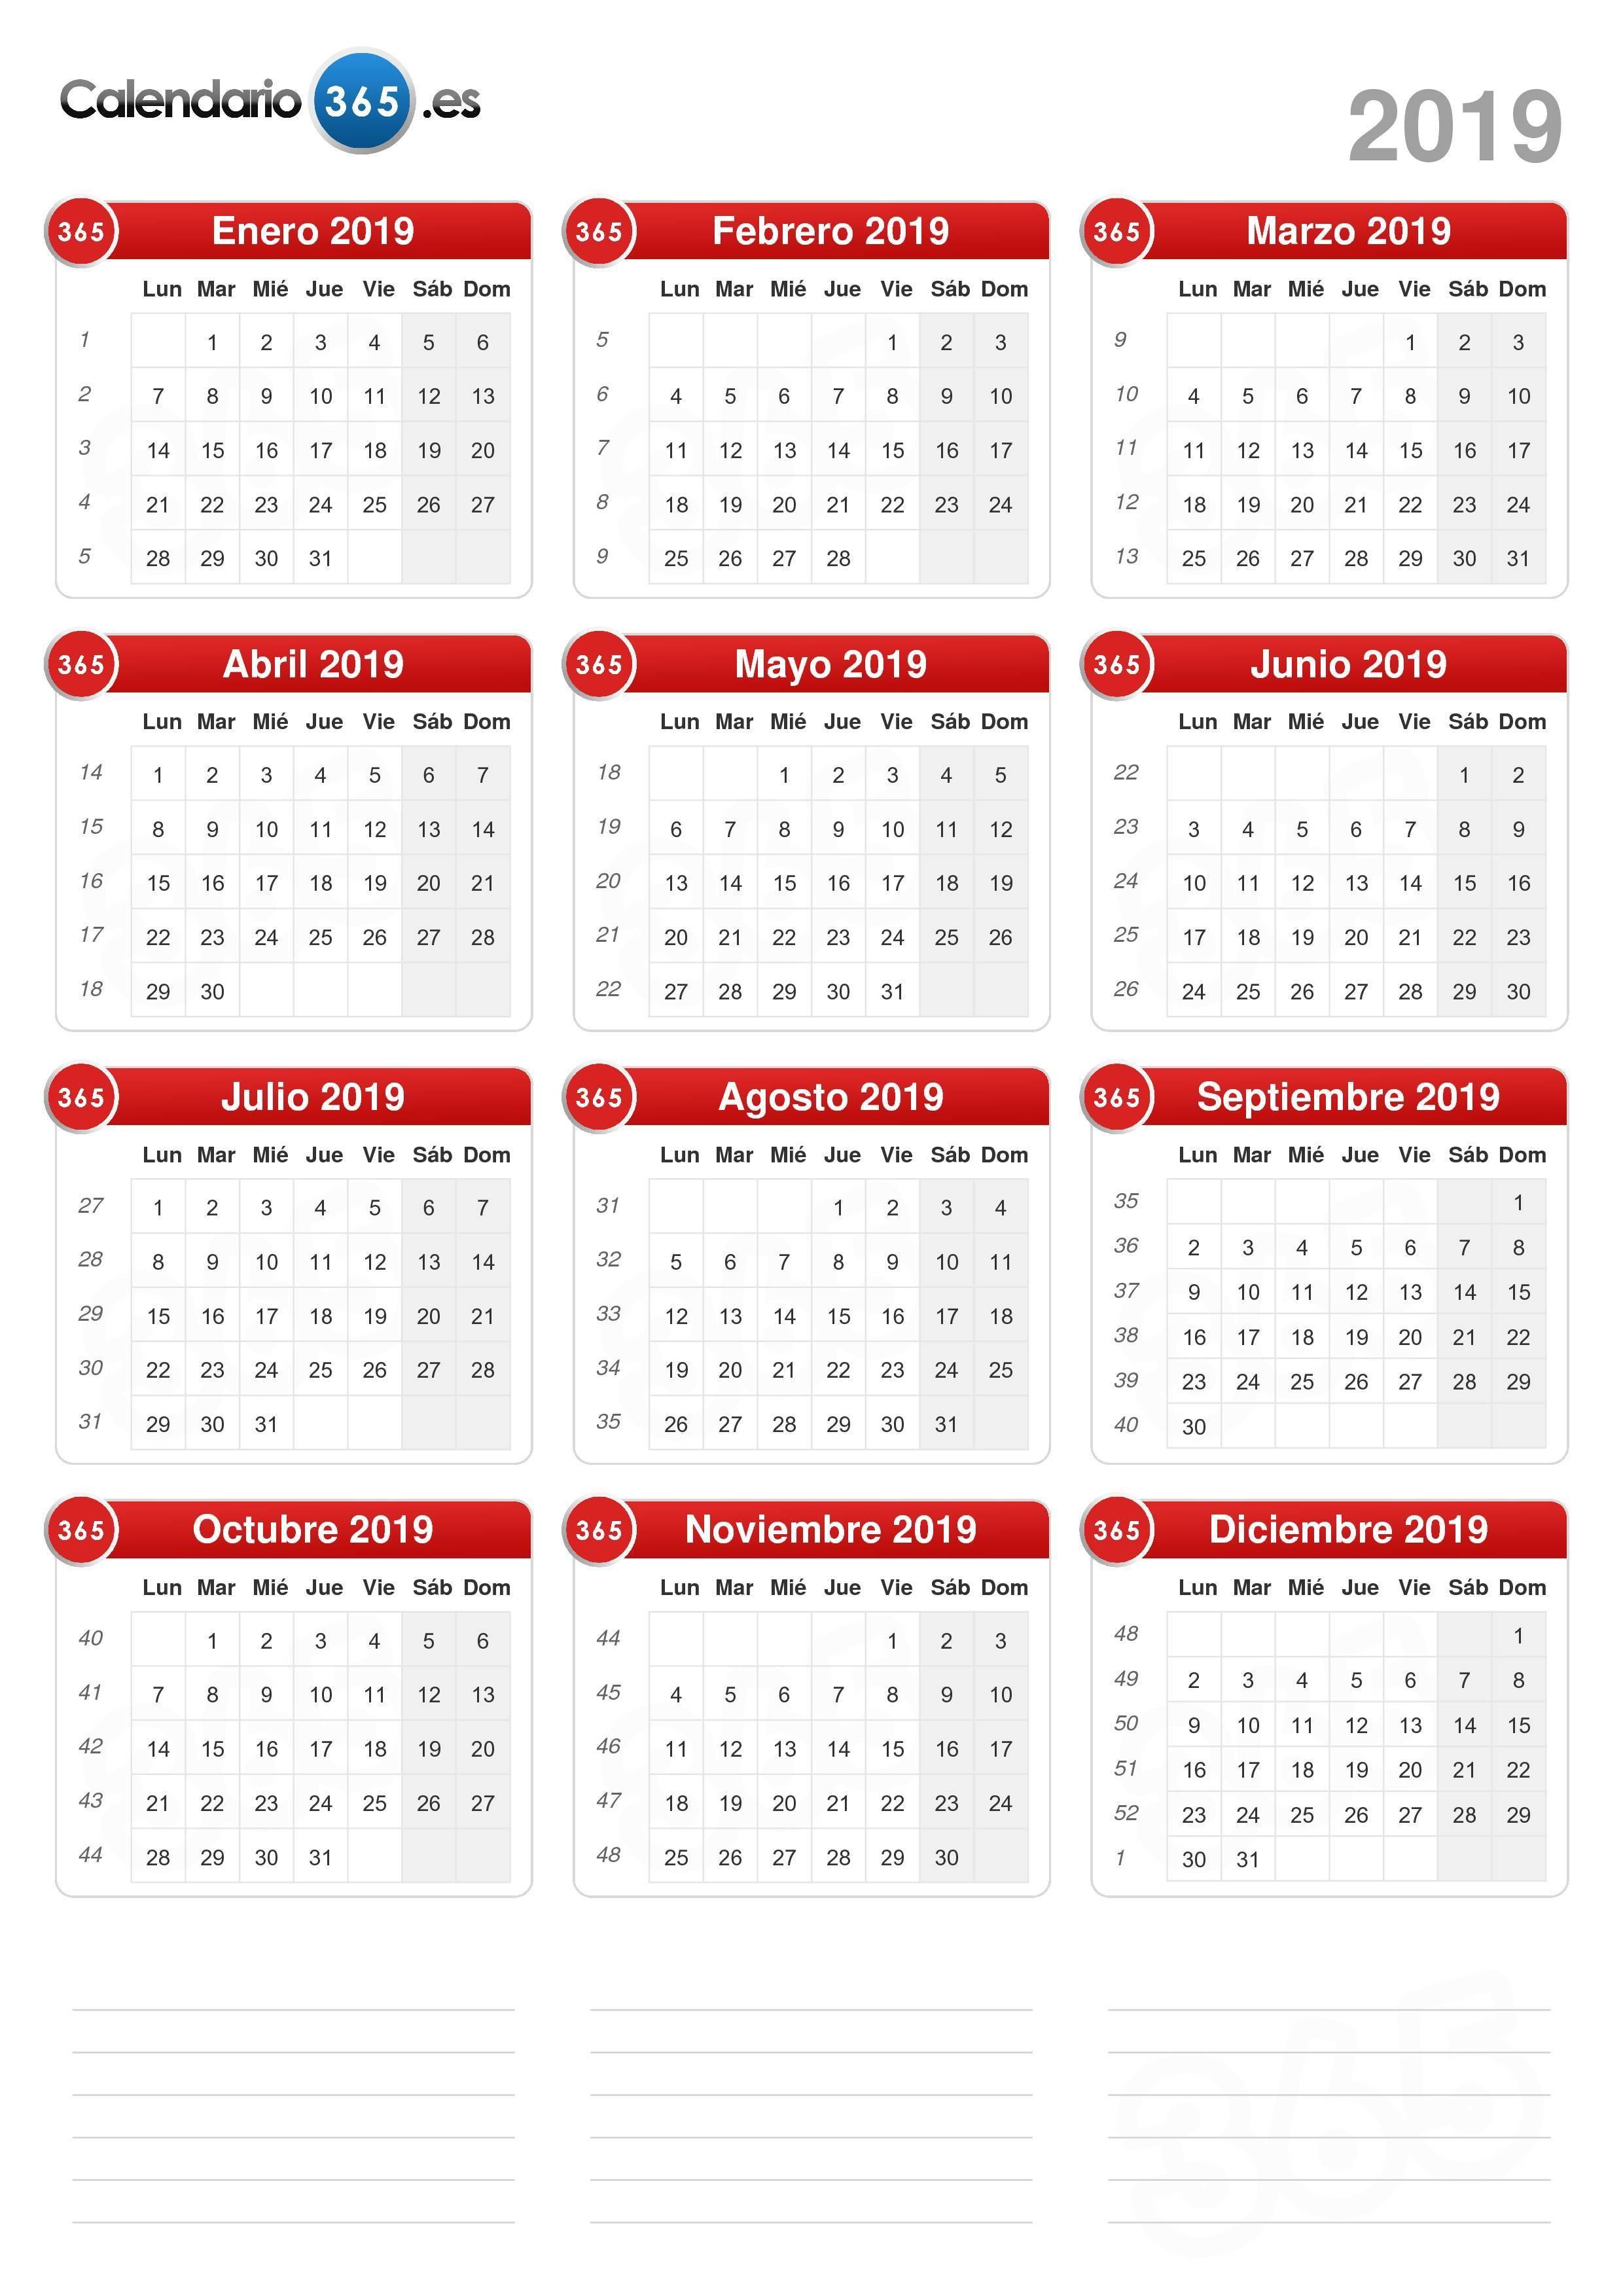 Calendario 2019 Con Festivos Comunidad Valenciana Mejores Y Más Novedosos Calendario 2019 Of Calendario 2019 Con Festivos Comunidad Valenciana Más Populares Inicio Ayuntamiento De aspe